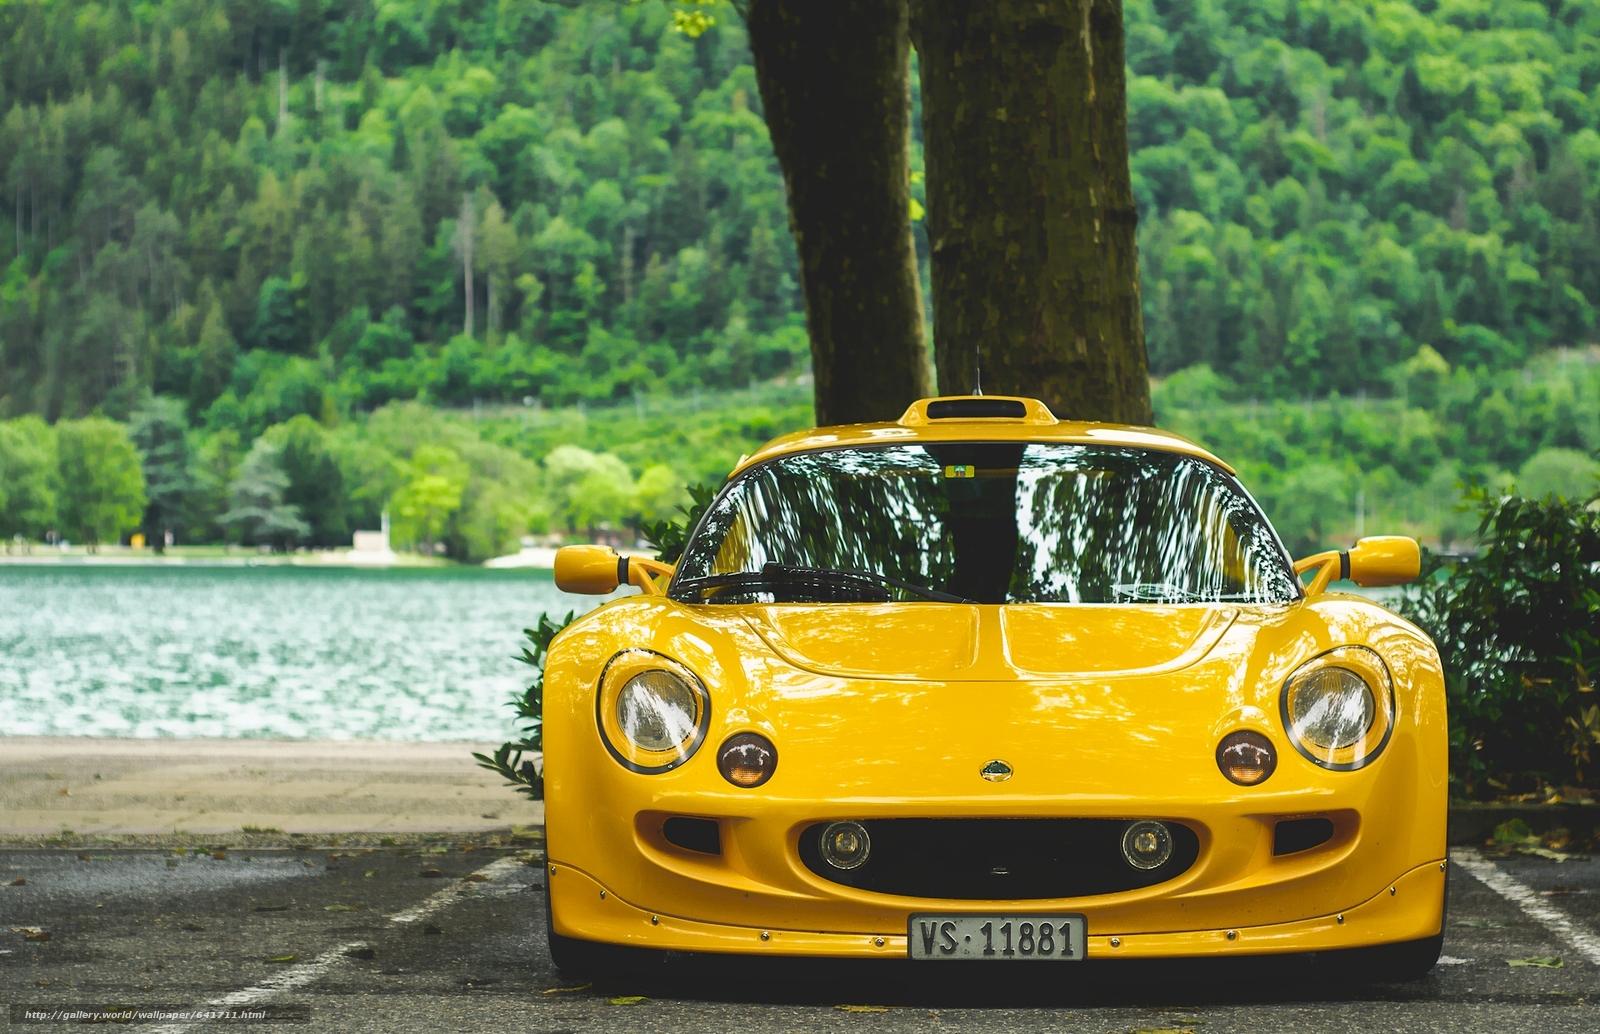 Скачать обои Lotus Exige S1,  Lotus Exige,  спорткар,  жёлтый бесплатно для рабочего стола в разрешении 1920x1241 — картинка №641711